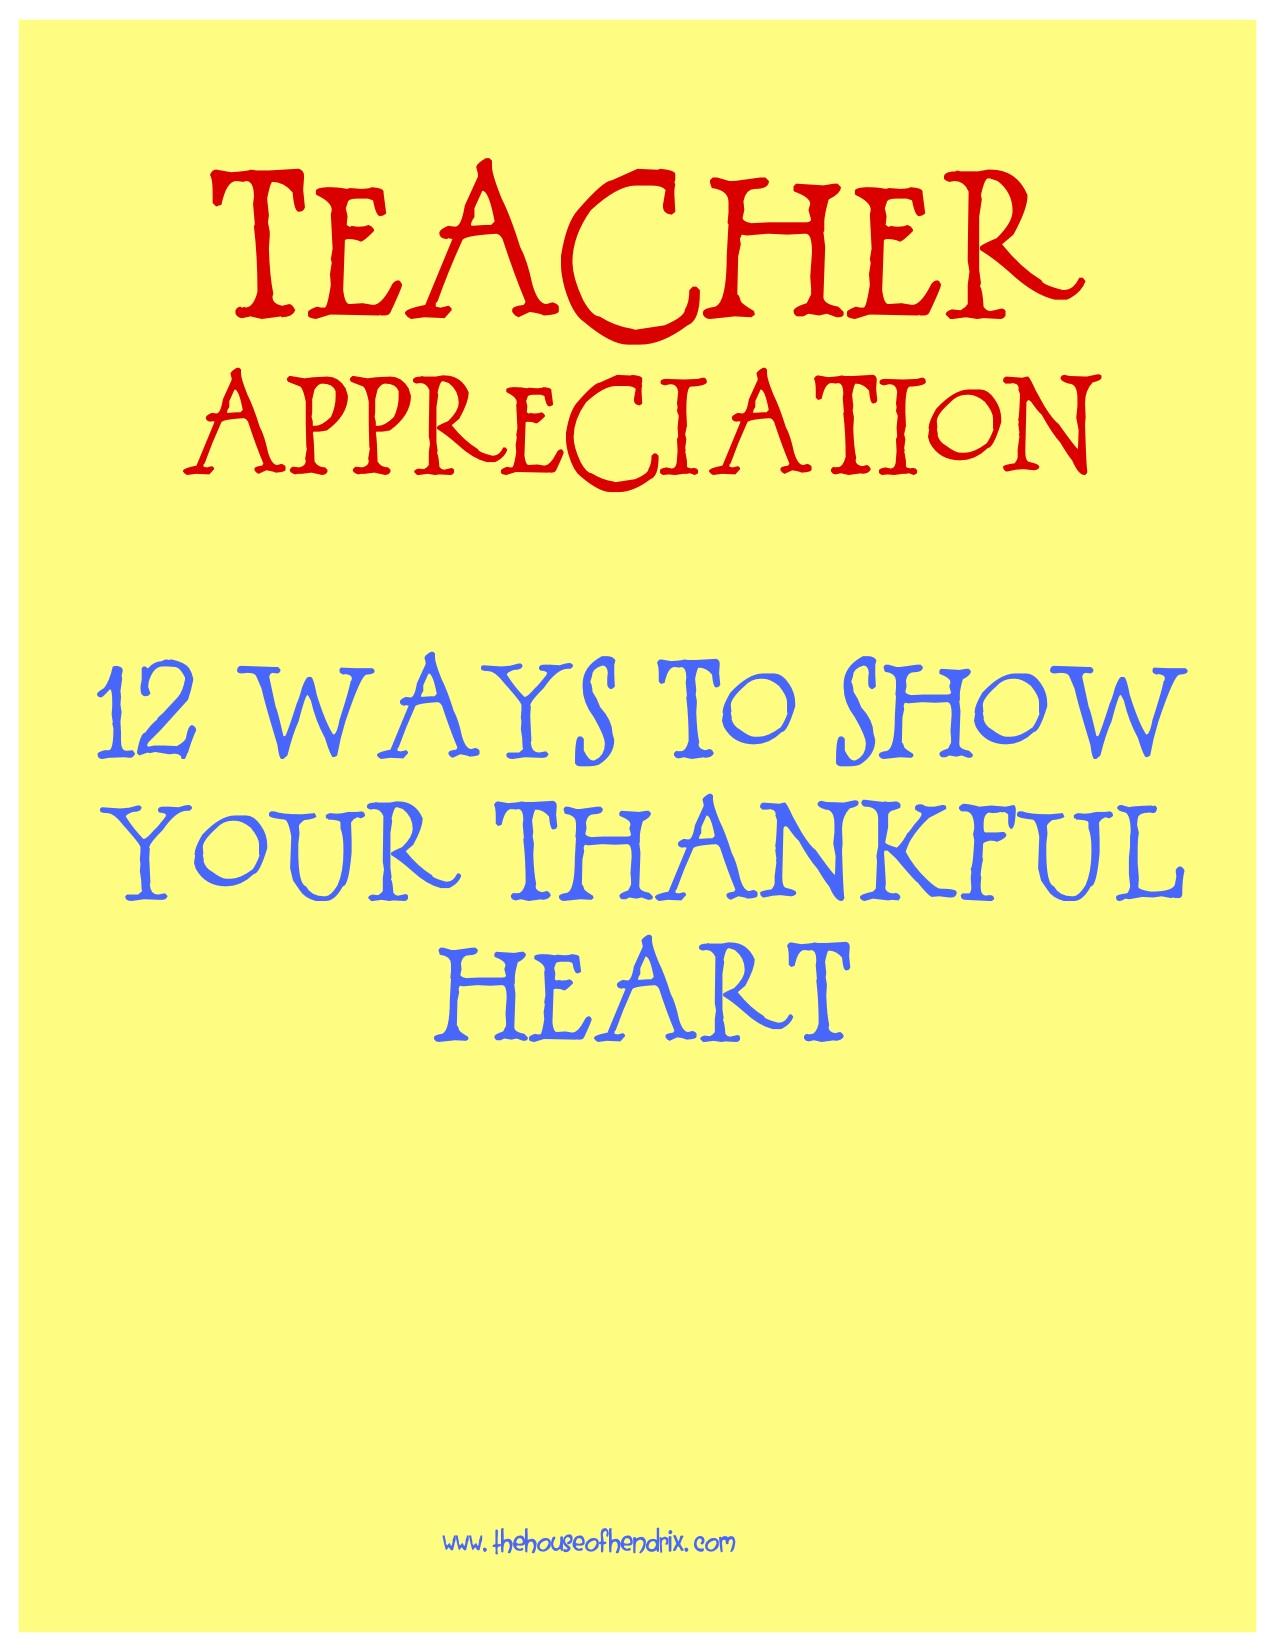 Teacher Appreciation Quotes Quotesgram: Middle School Teacher Appreciation Quotes. QuotesGram